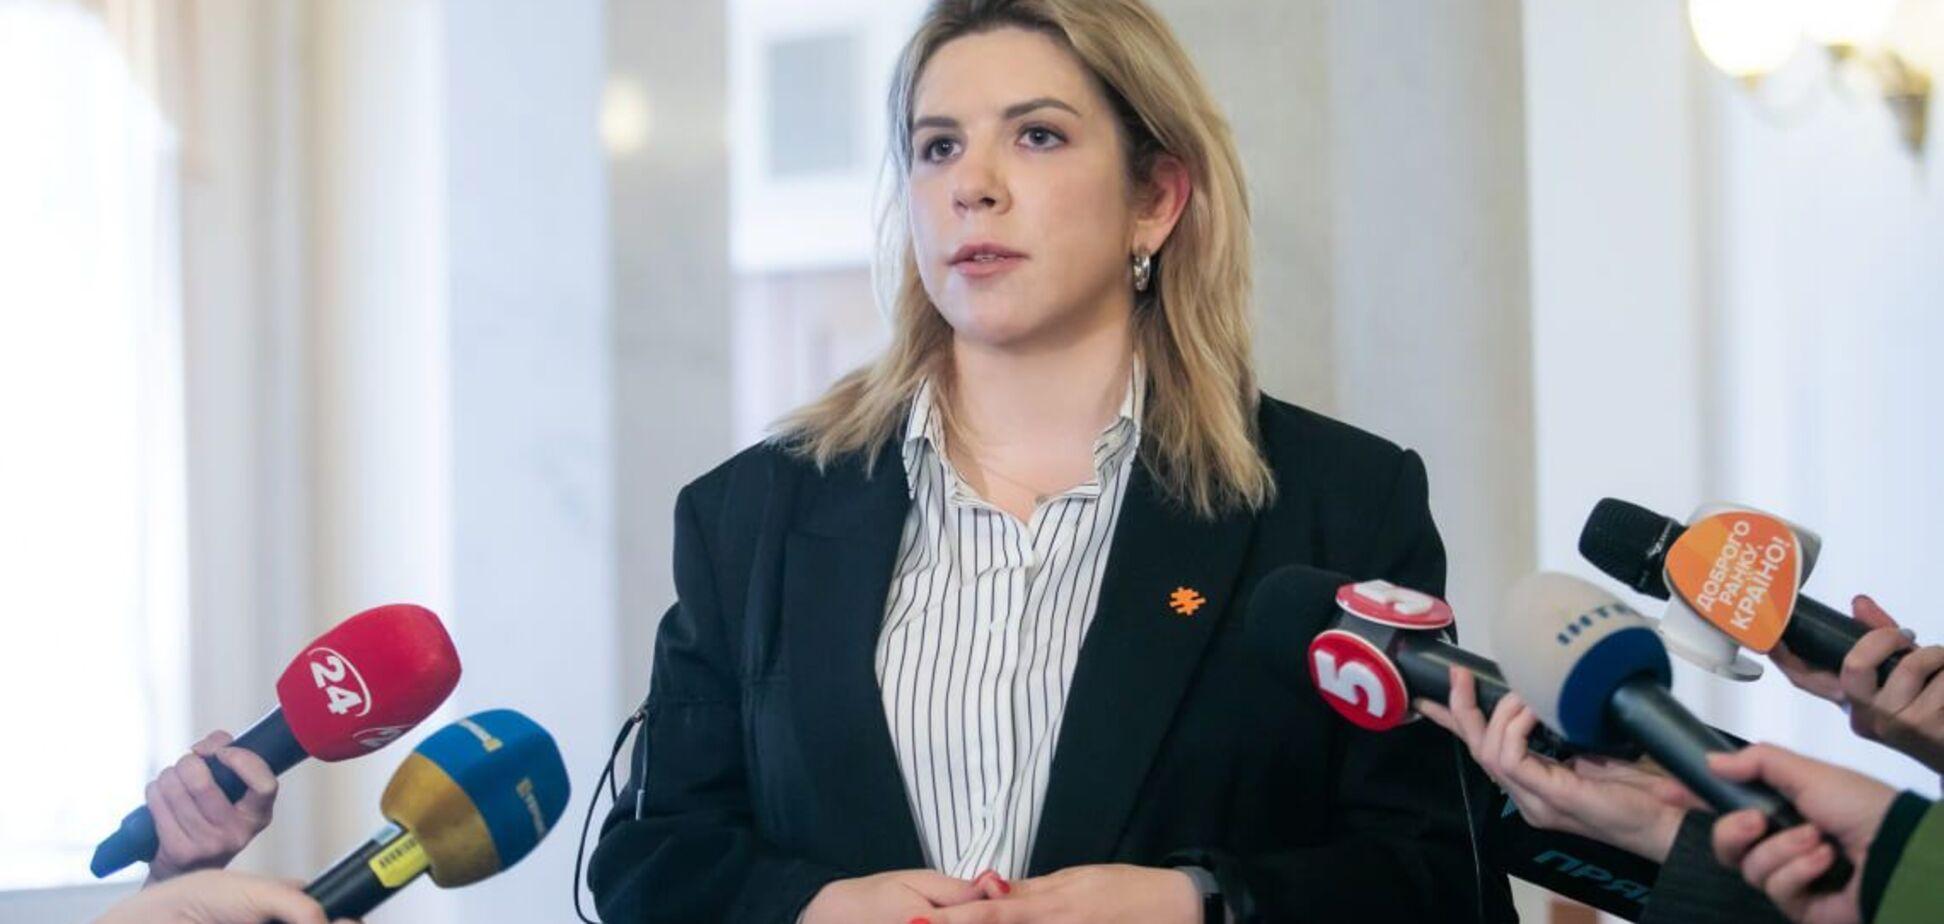 Кира Рудык: 'Голос' призывает поддержать постановление Костенко о ВСК по делу 'вагнеровцев'